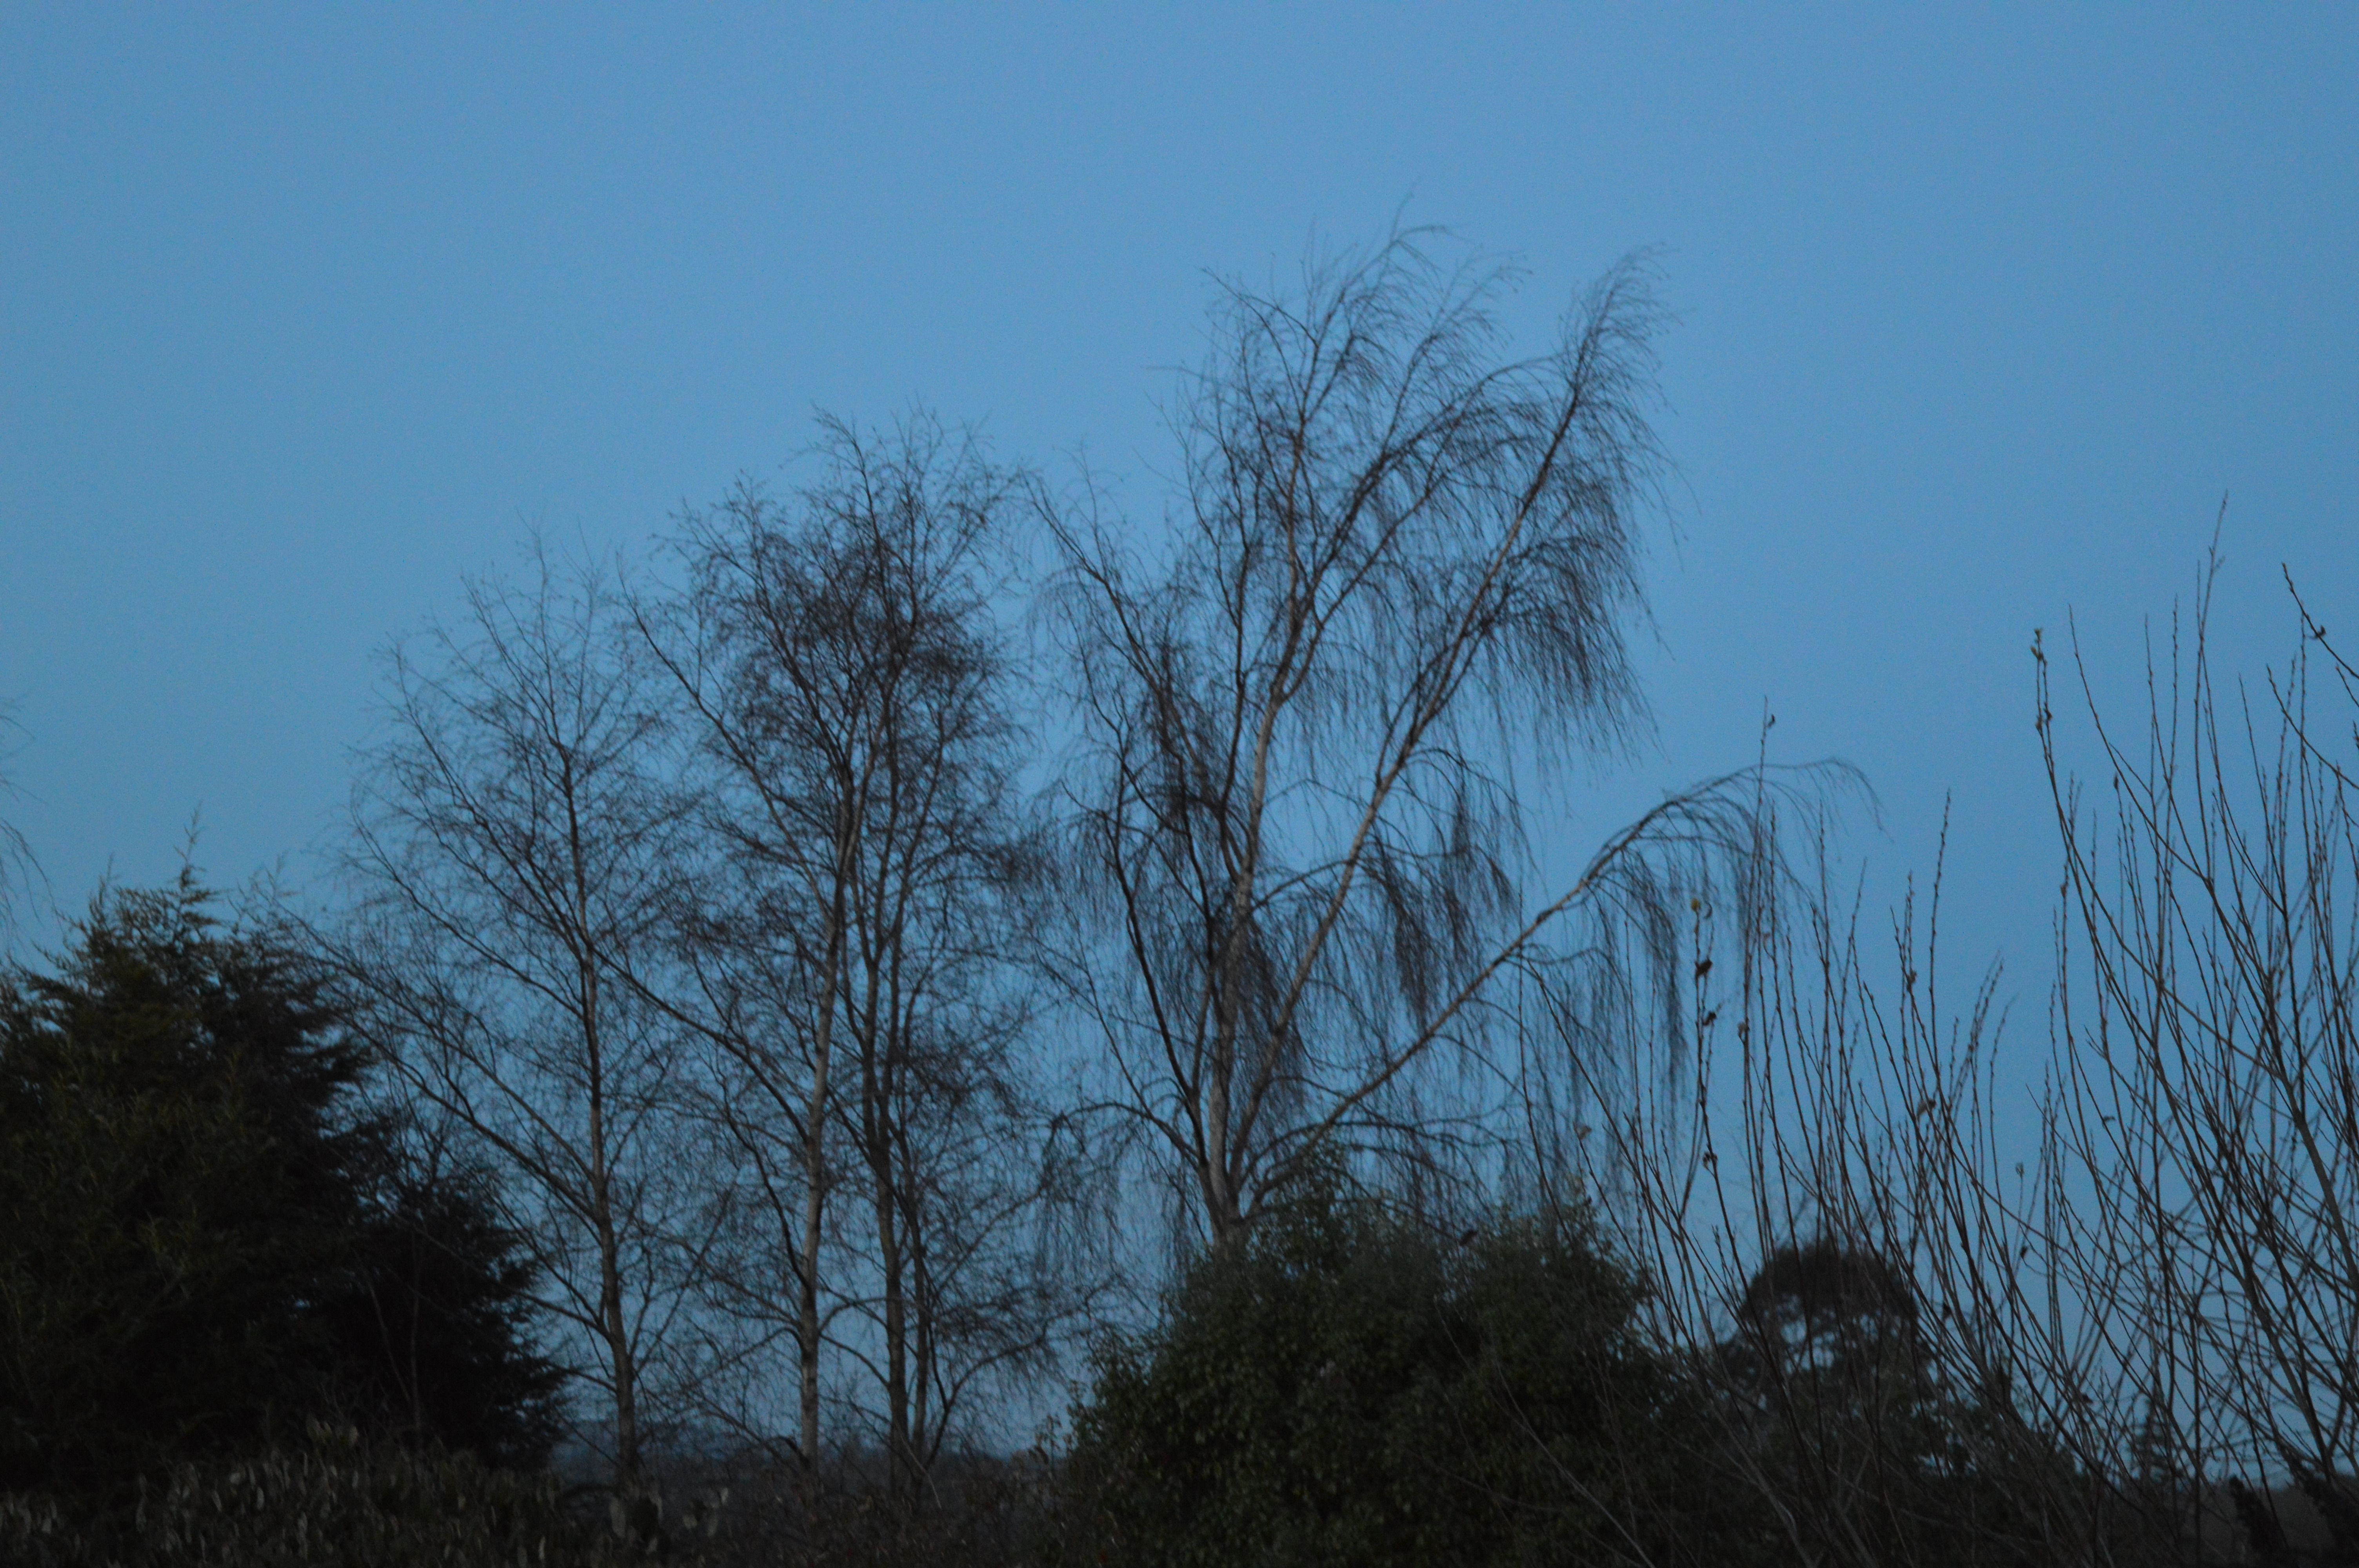 Tree picture 8 Darkish